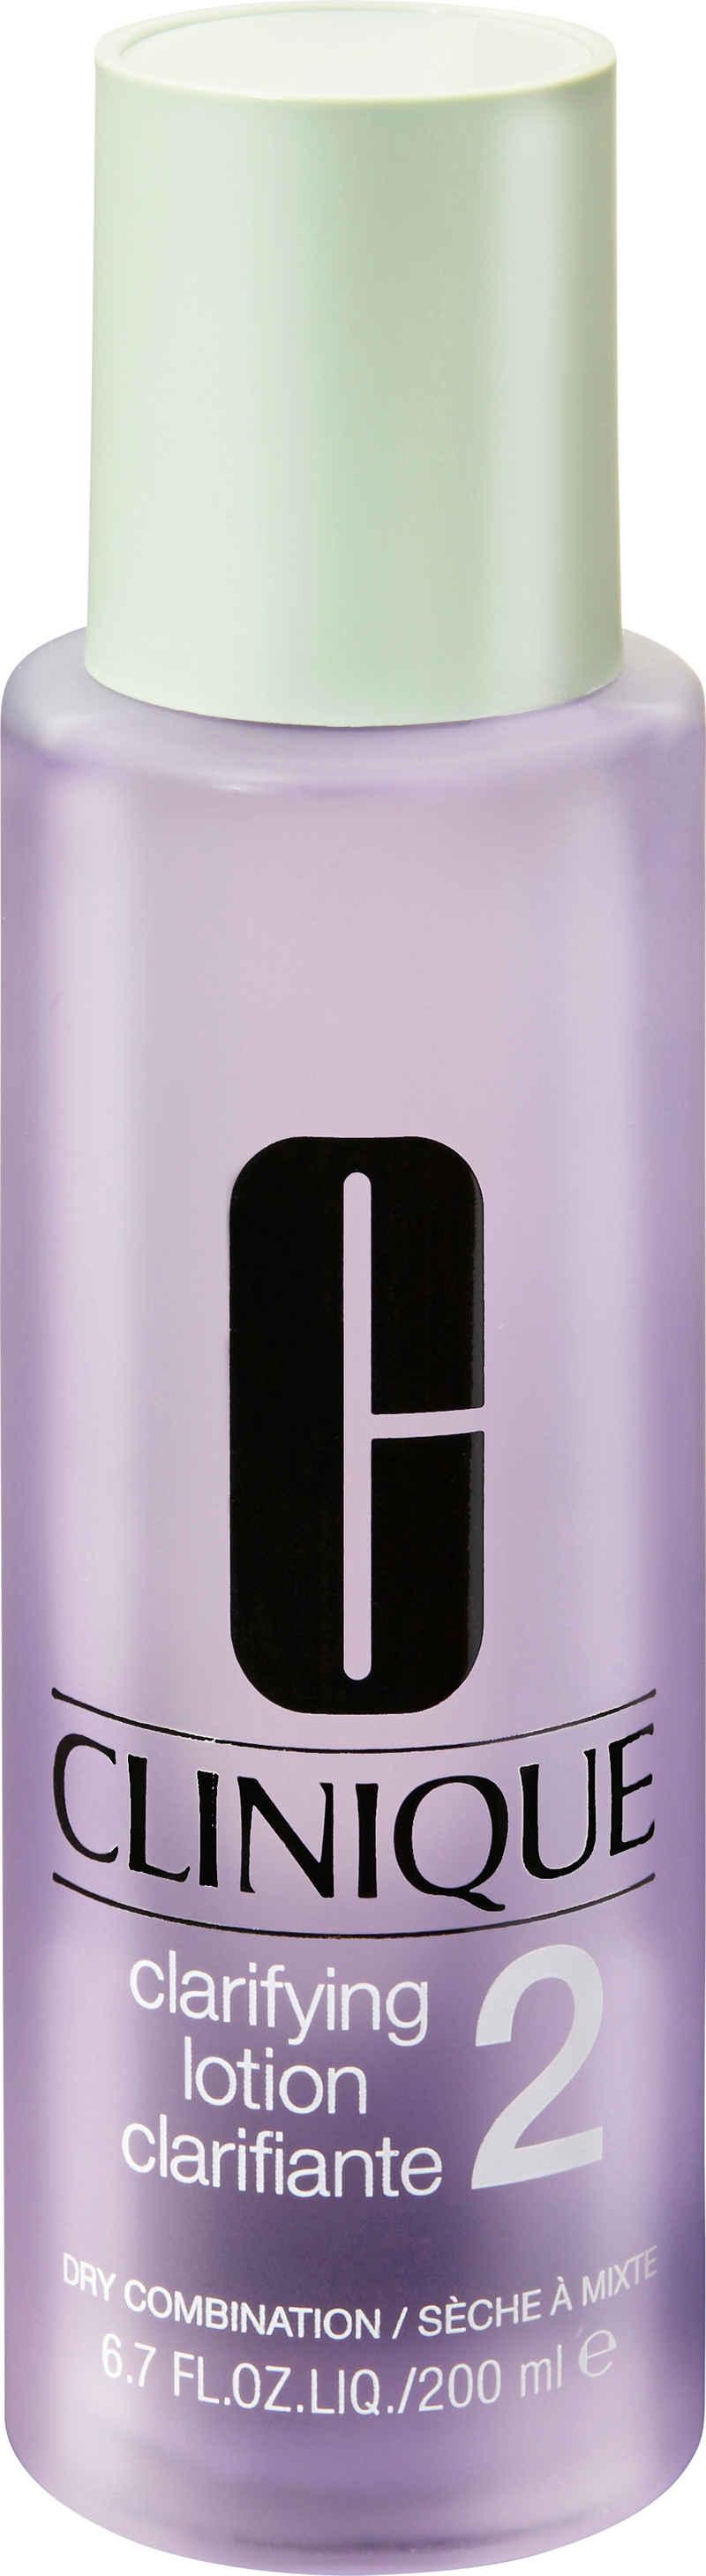 CLINIQUE Gesichtswasser »Clarifying Lotion 2«, Stimuliert den Zellerneuerungsprozess